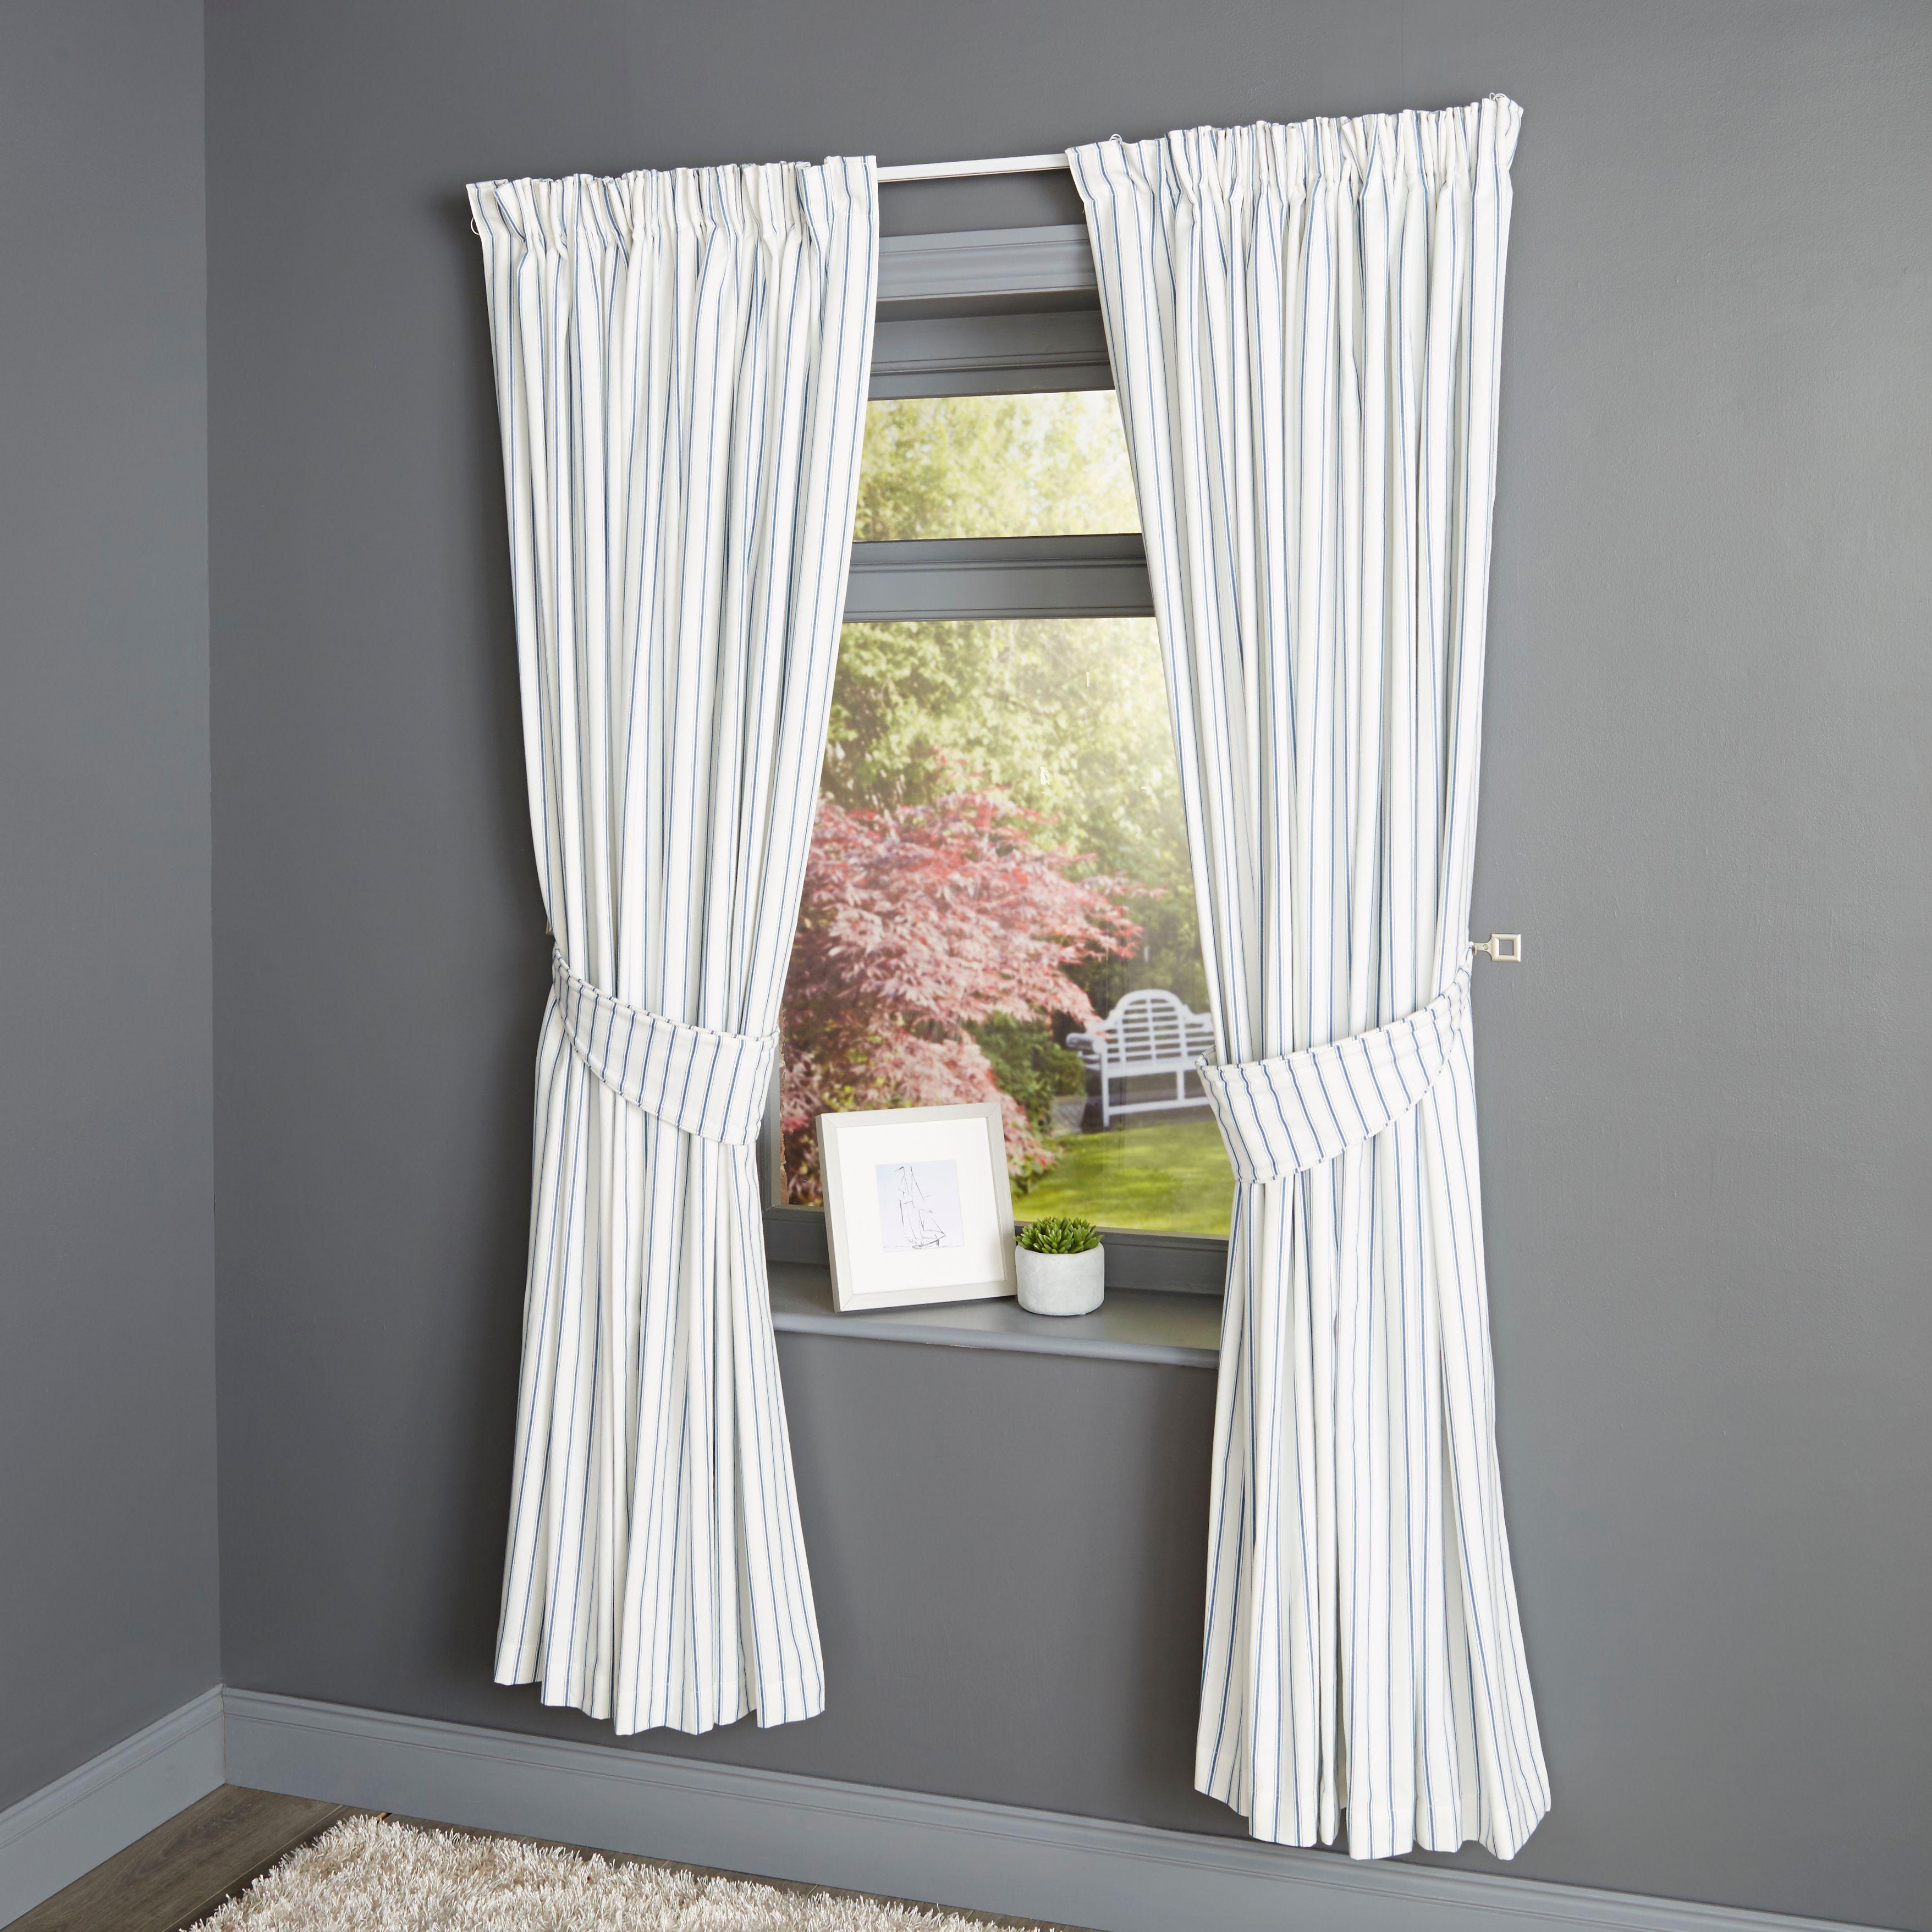 Christina Blue & White Stripe Pencil Pleat Lined Curtains (w)228cm (l)228cm